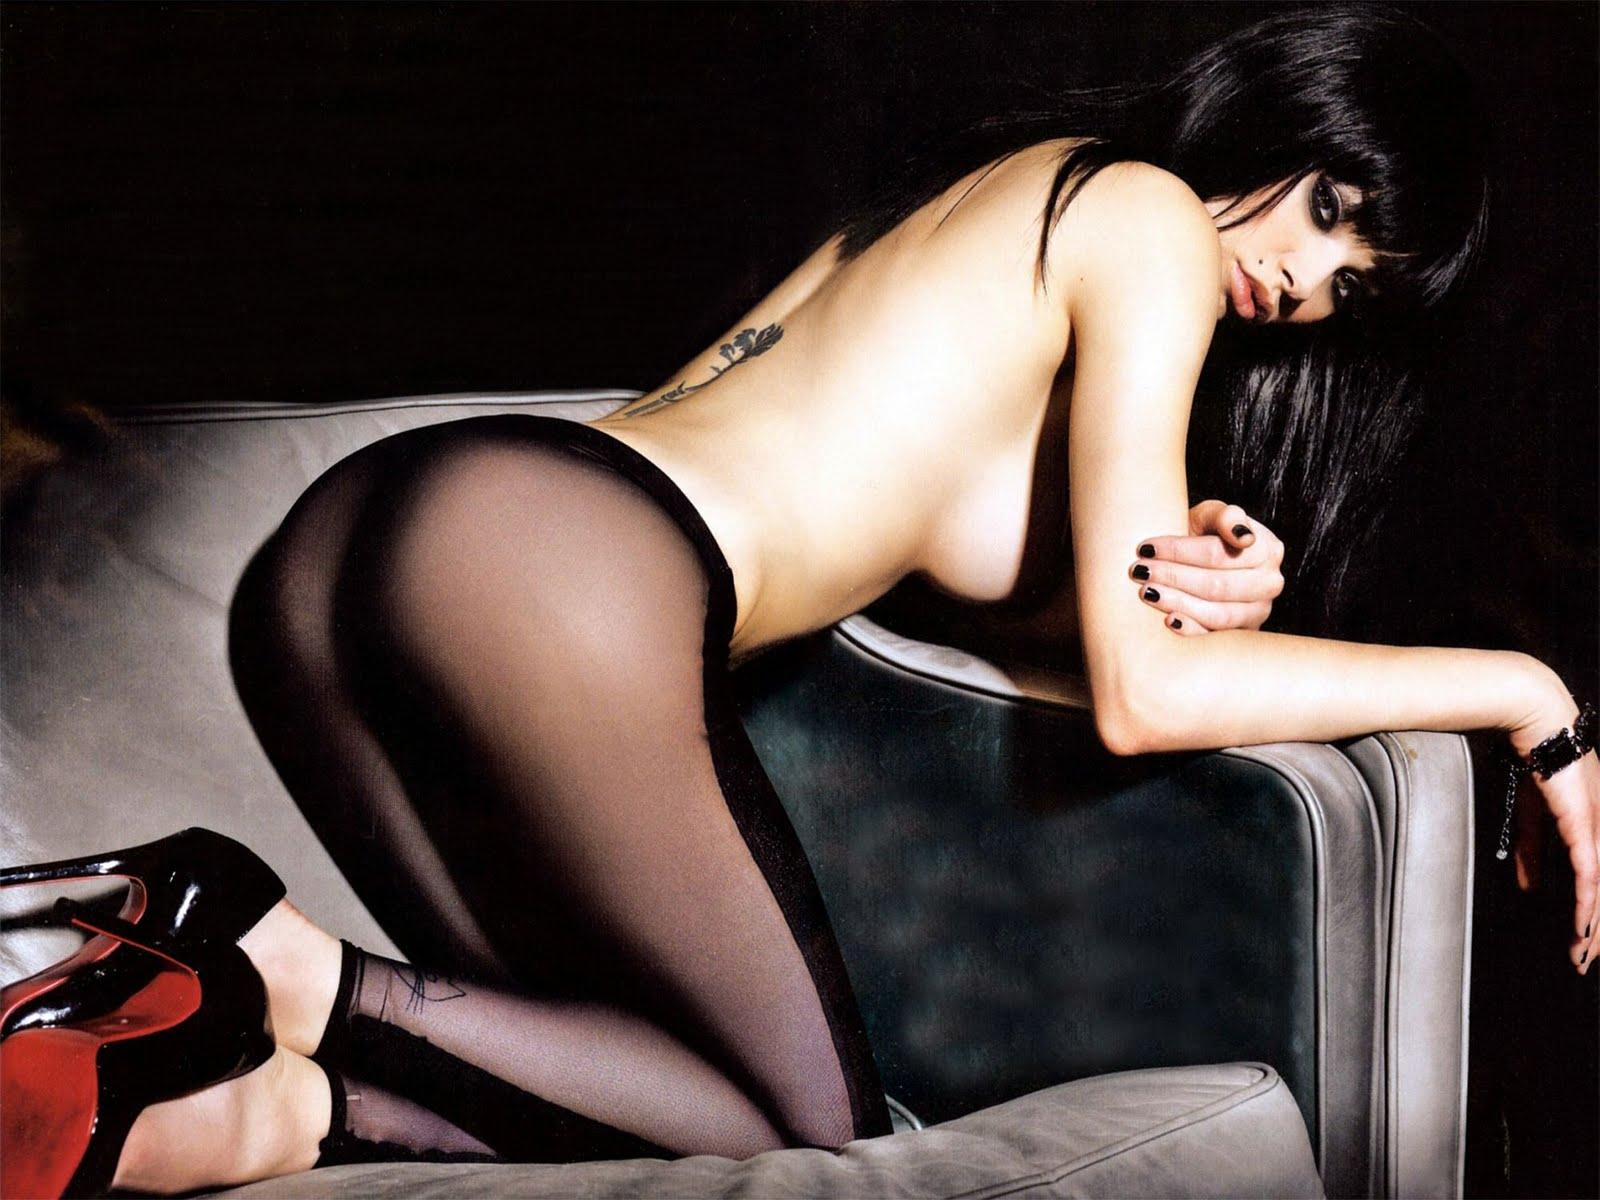 http://4.bp.blogspot.com/-K8_Zu7l3Q8A/TX3mM0VtrfI/AAAAAAAAHFU/hrXjxdy6LIw/s1600/celebskin_vikki_blows_topless_panties_cowboyboots_wallpaper_7.jpg